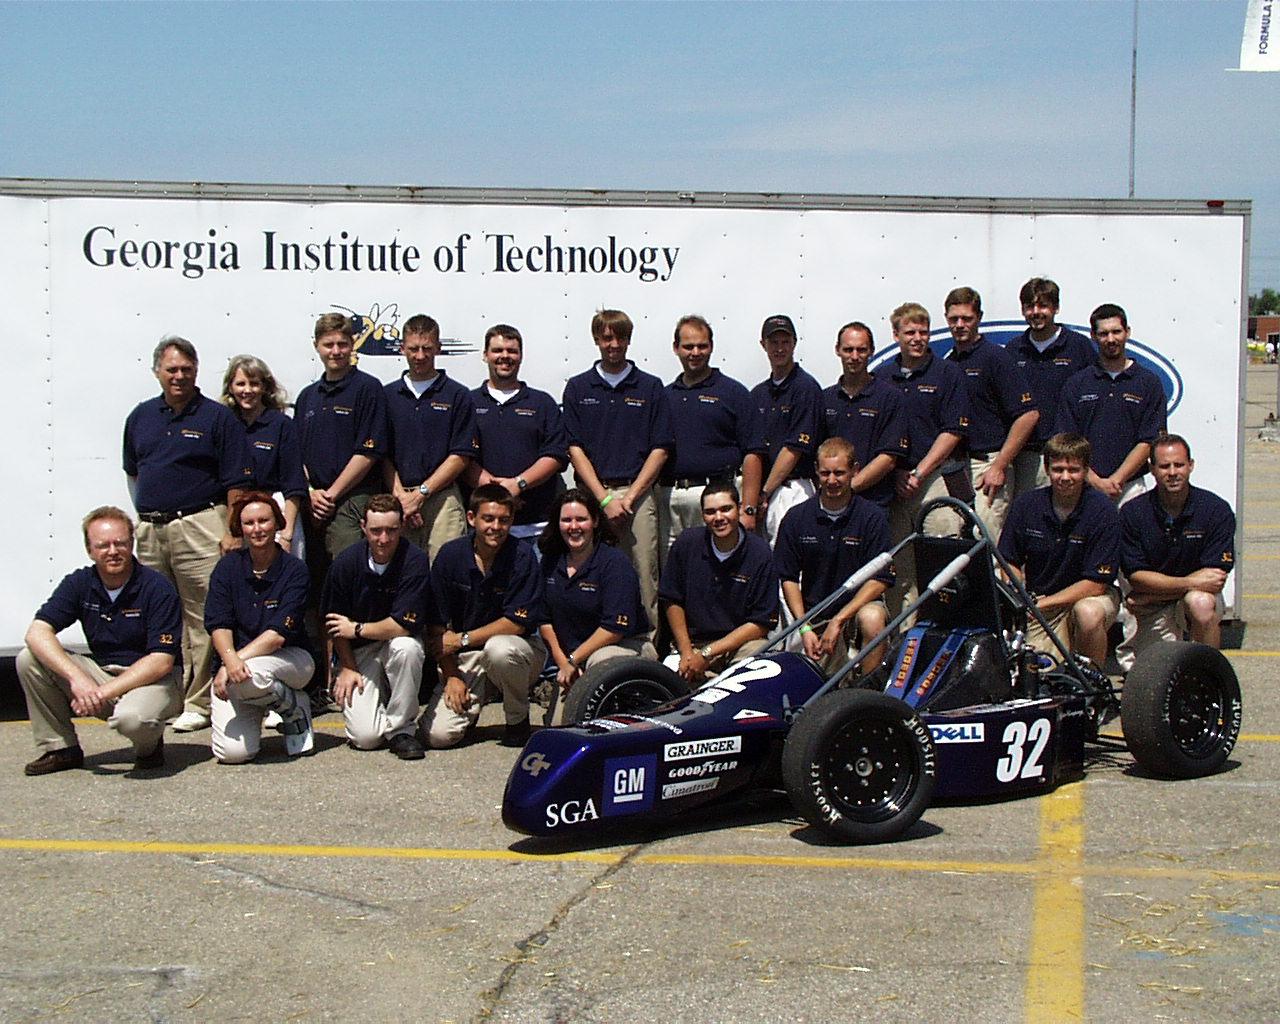 2001: Car 32